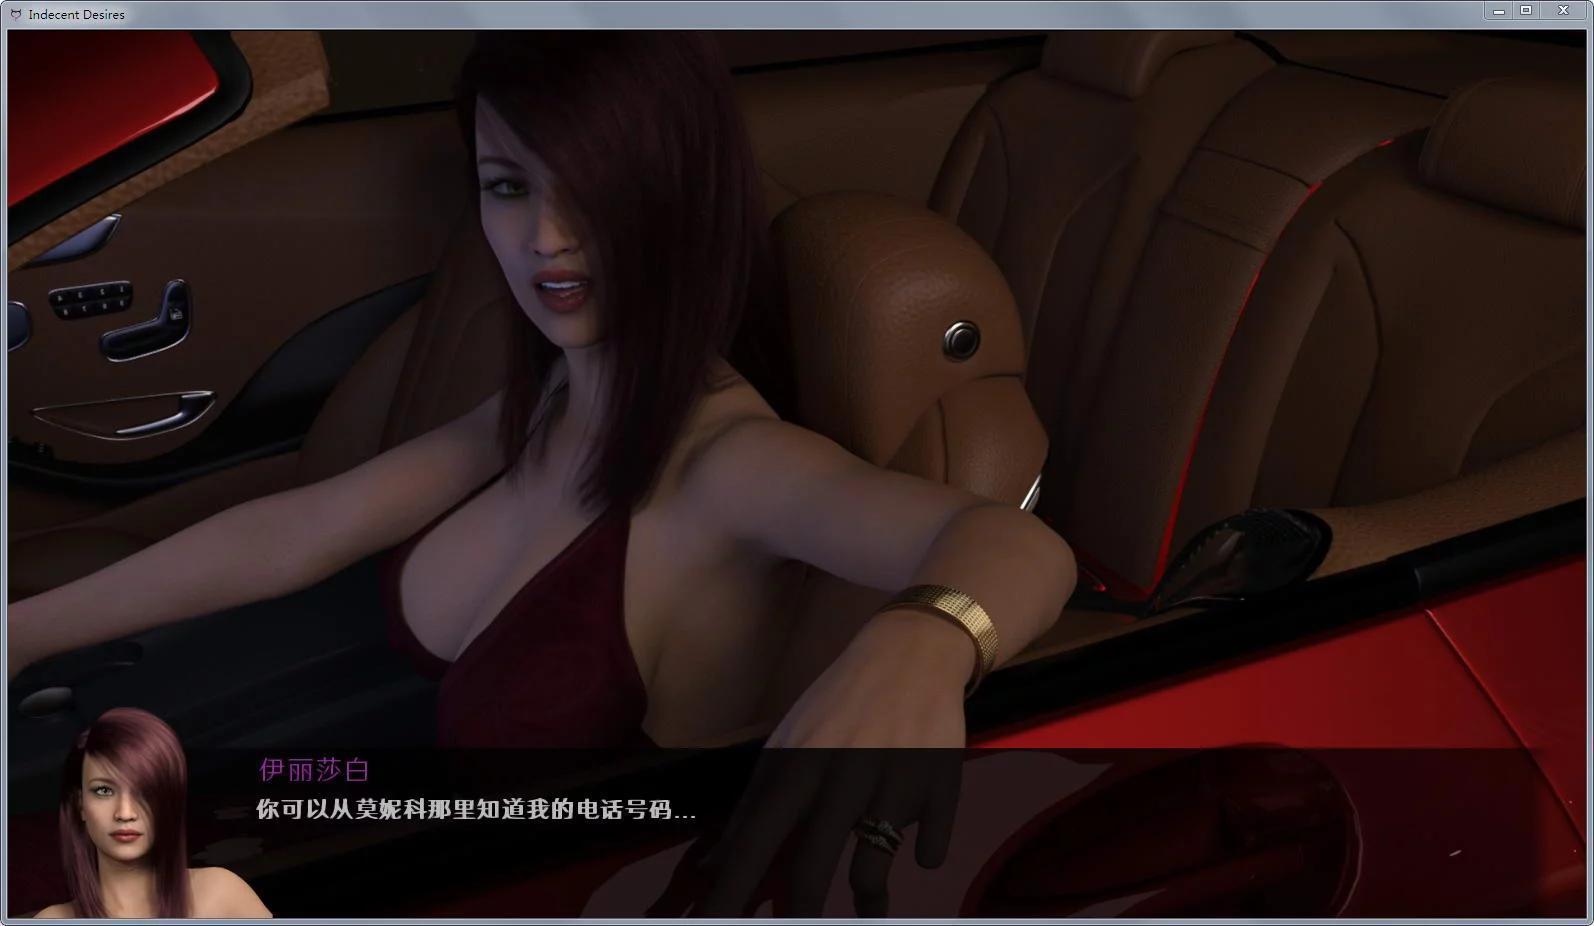 【欧美SLG/汉化/动态CG】不雅的欲望- Ver013 精翻汉化作弊版【更新/PC+安卓版】【4G】